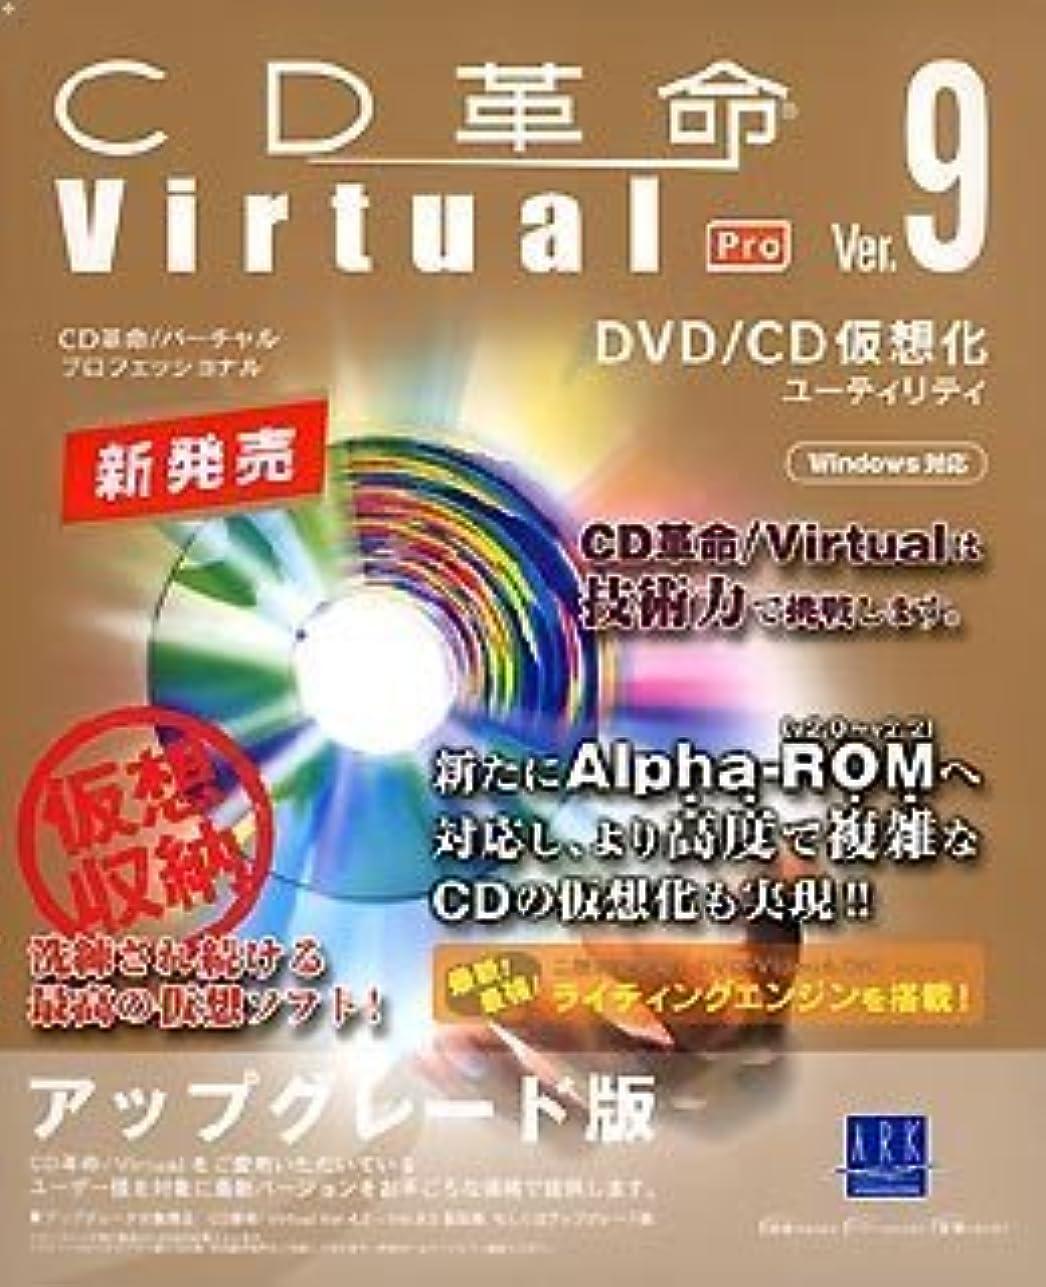 鎮静剤依存する扇動するCD革命/Virtual Ver.9 Pro(プロ) アップグレード版